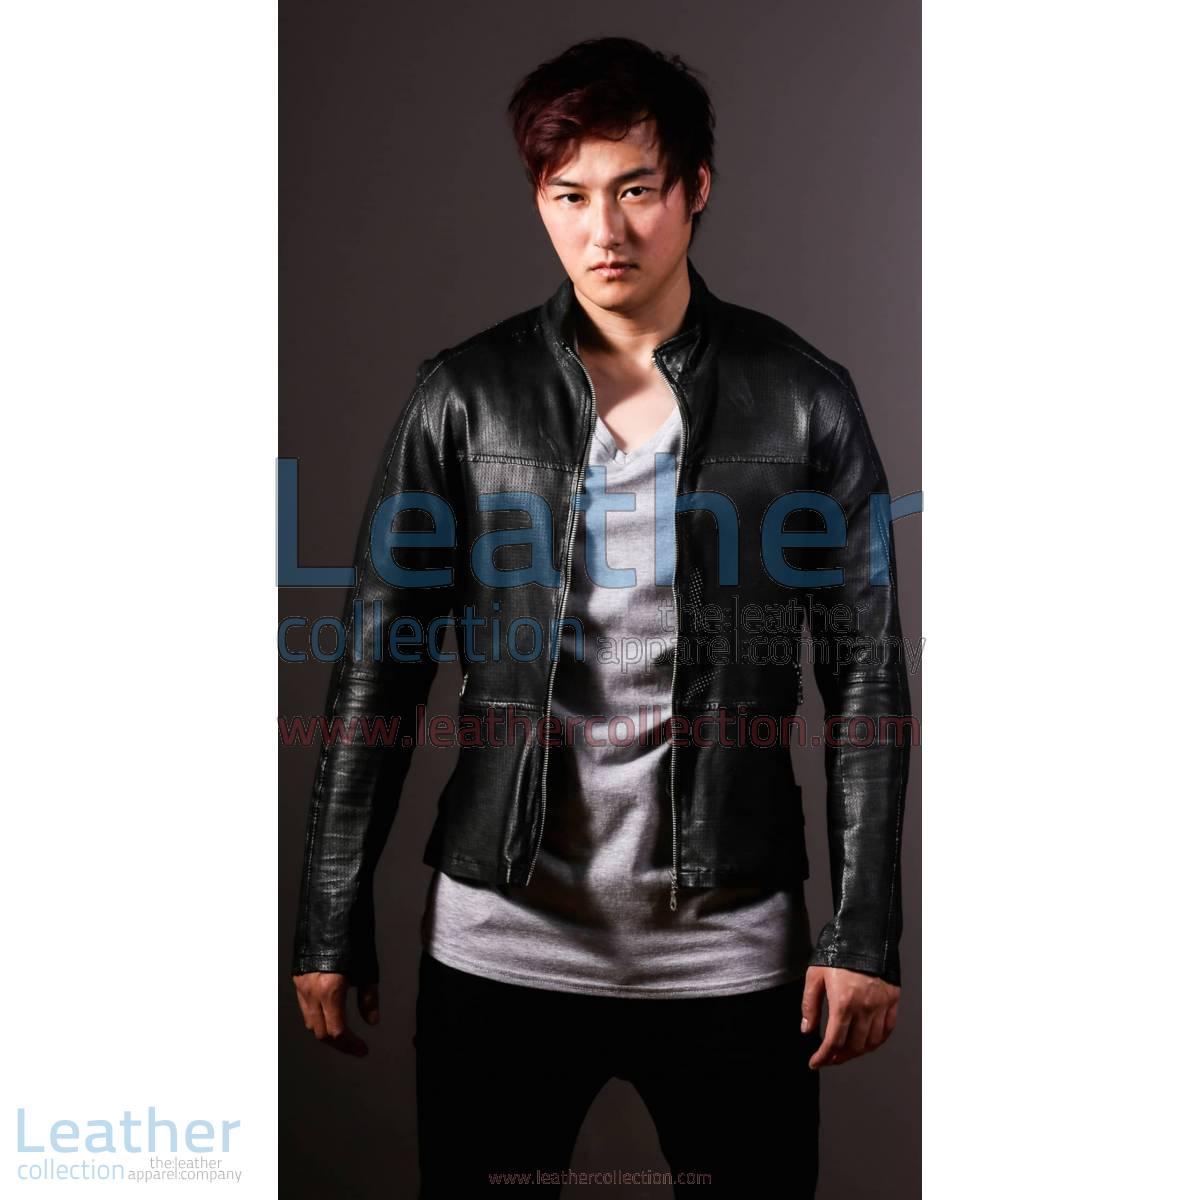 Men Leather Fashion Steel Jacket | steel jacket